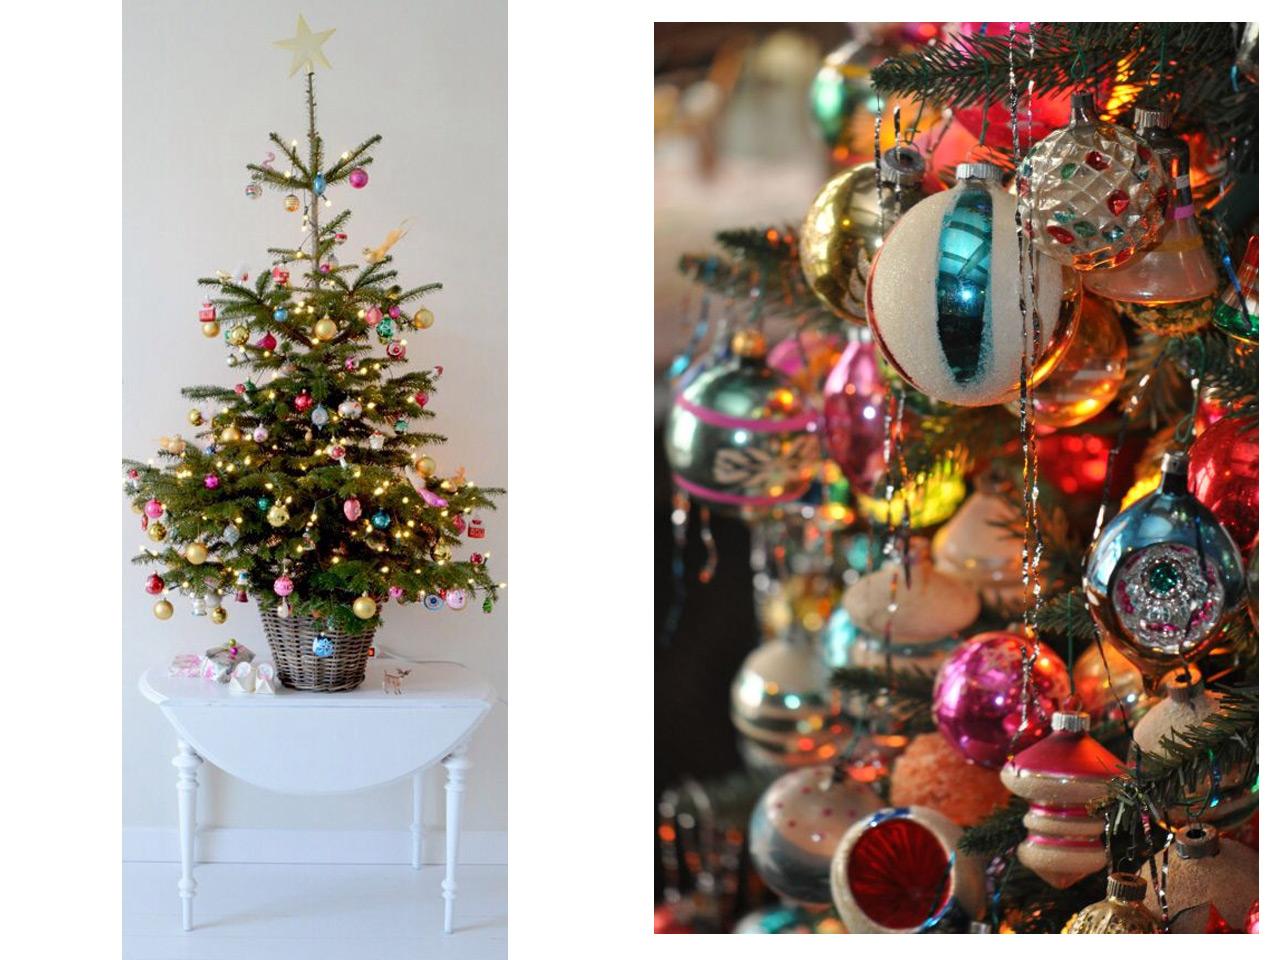 Decoraci n vintage para navidad ideas para decorar - Bolas gigantes de navidad ...